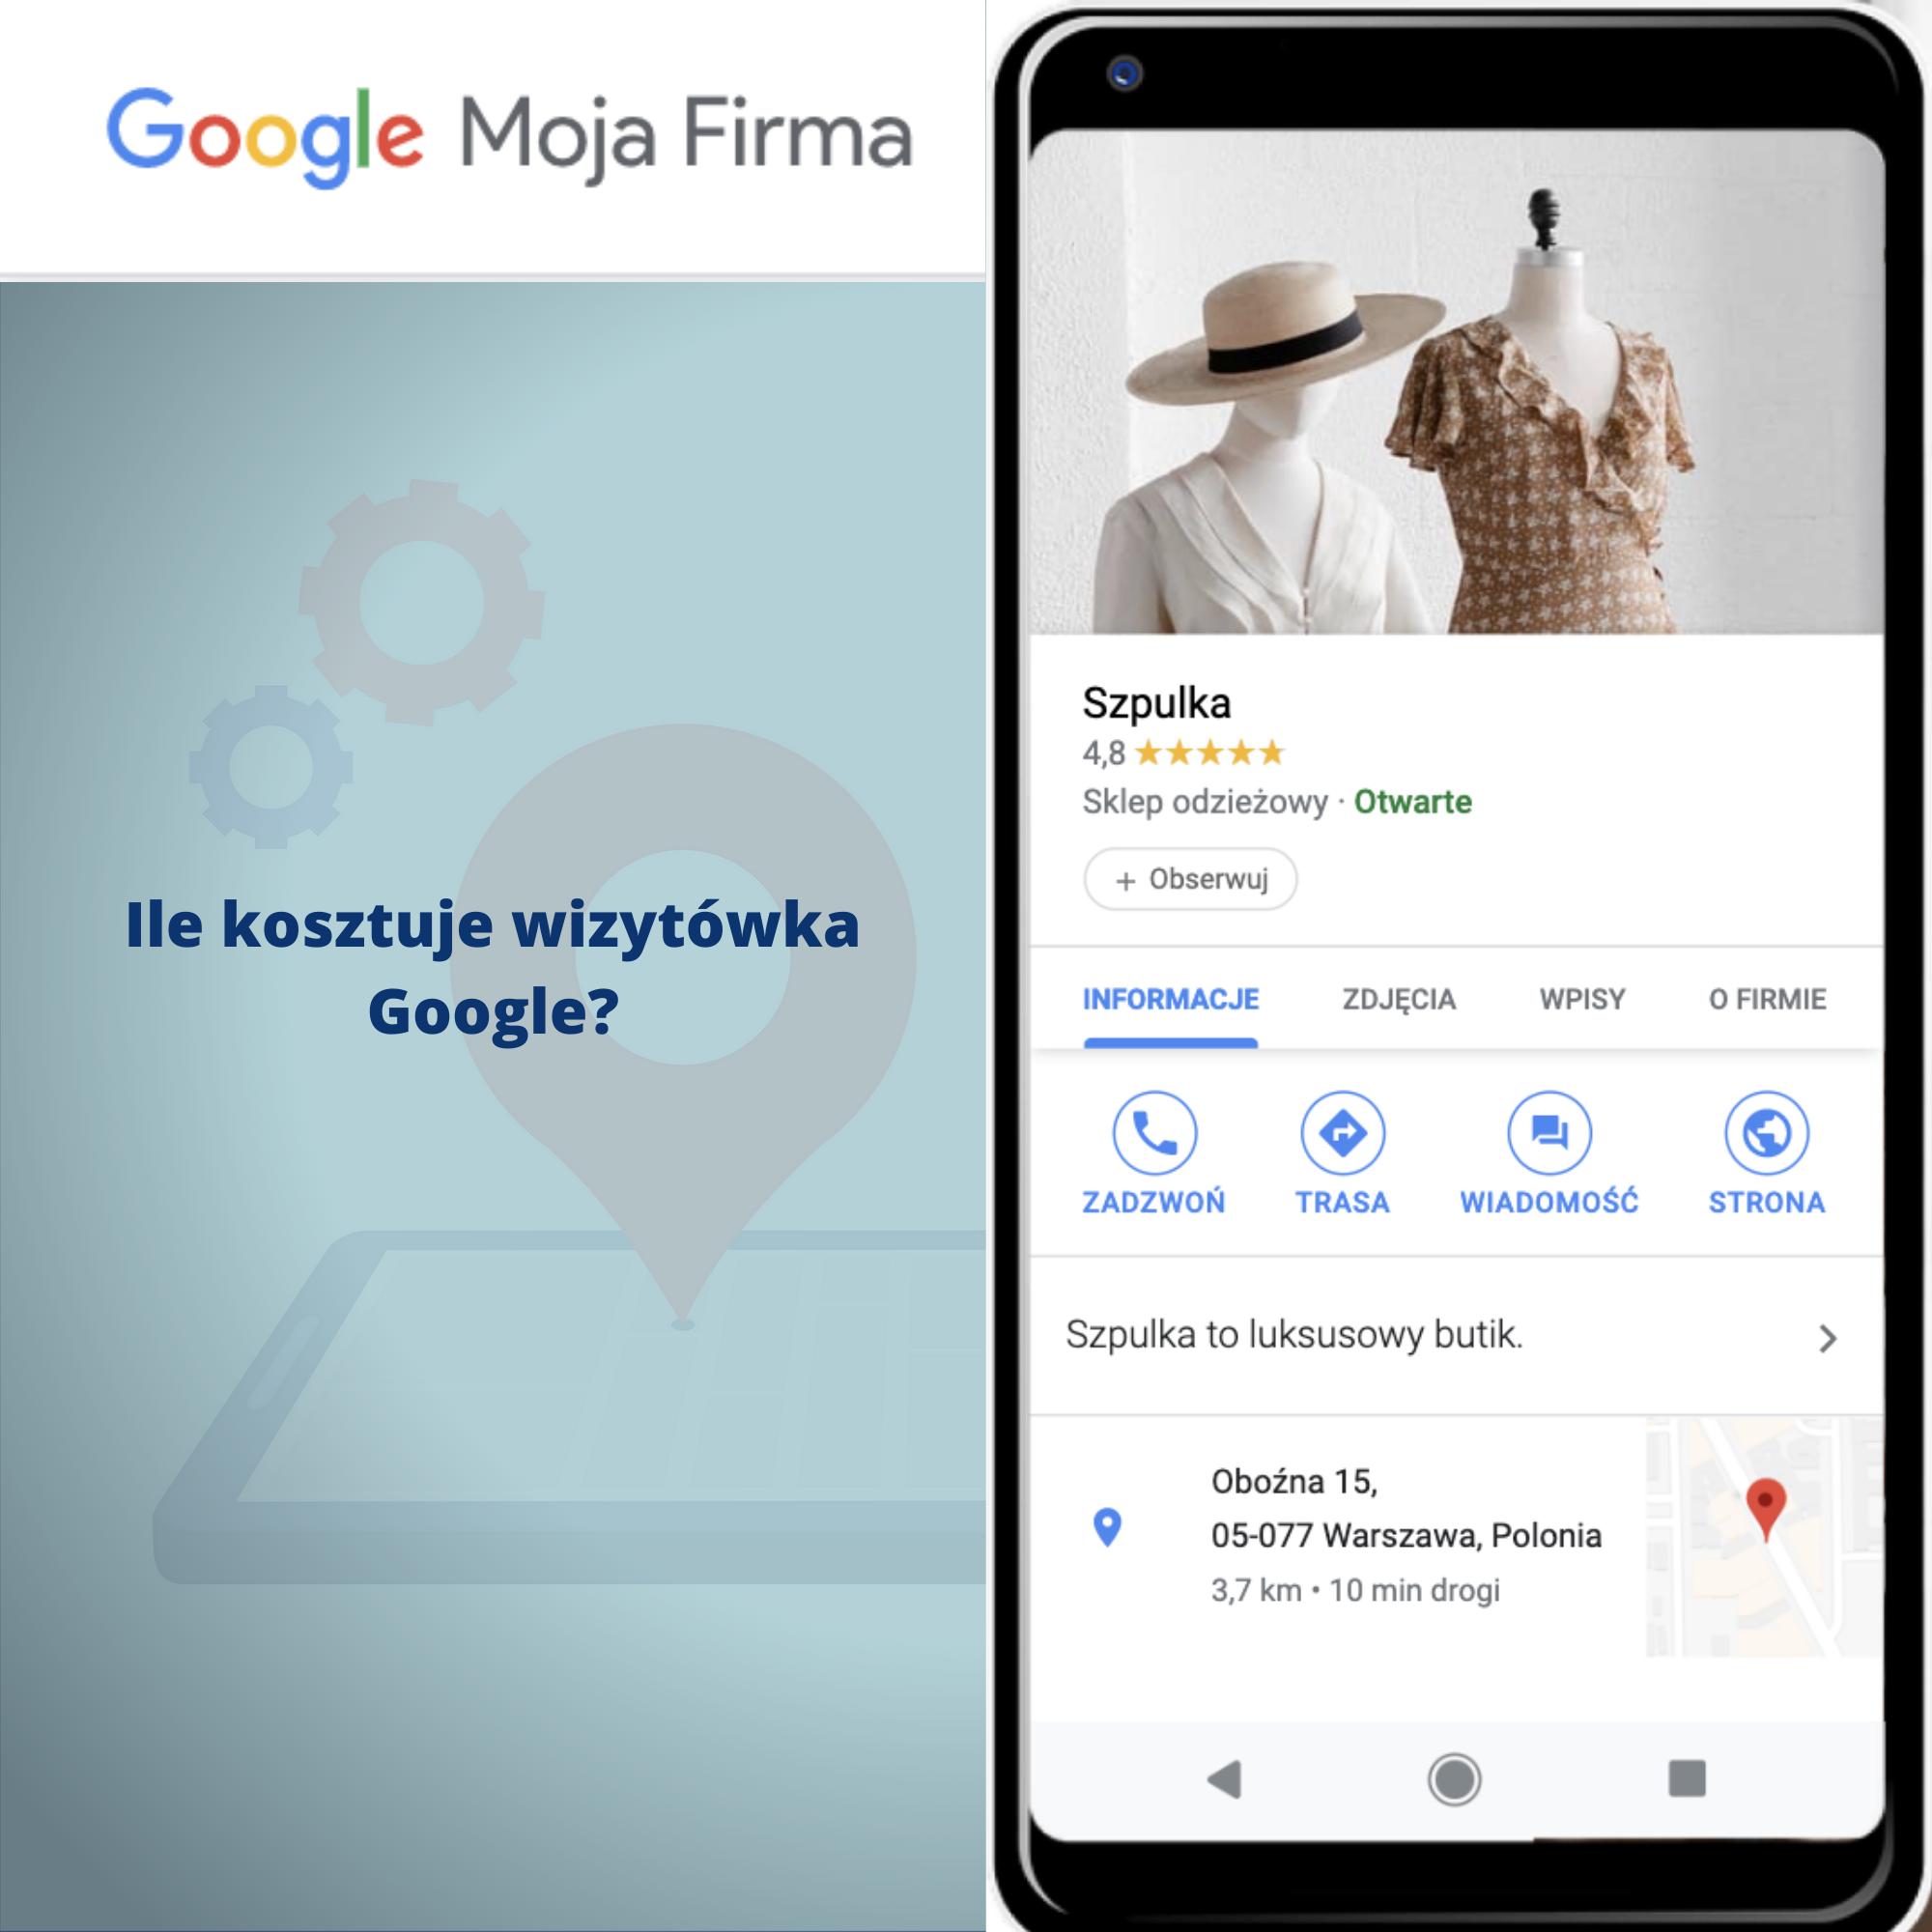 Ile kosztuje wizytówka Google?